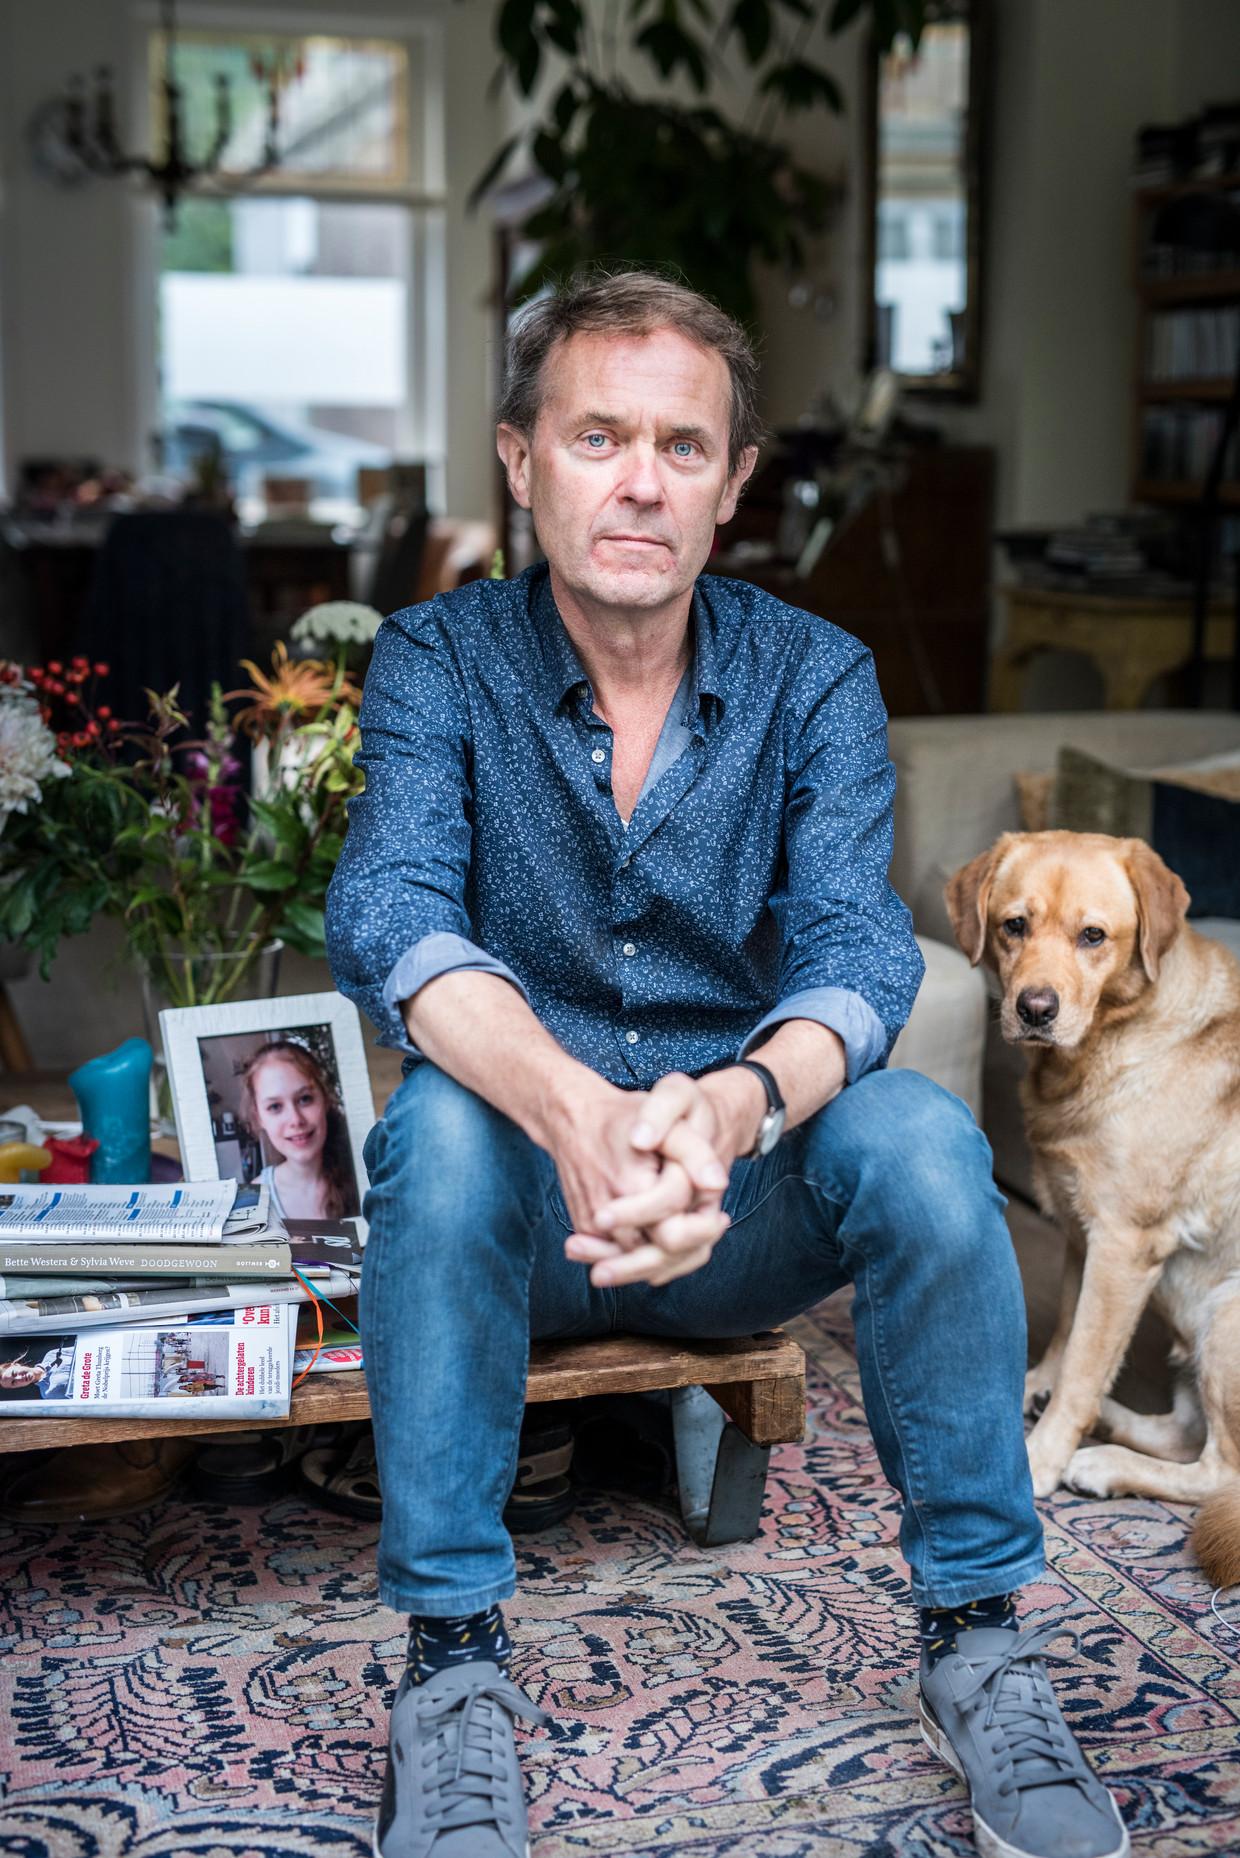 Wetenschapsjournalist en schrijver Koos Neuvel (1958) is de vader van Nora, die in 2016 een dag na haar 18de verjaardag overleed aan de gevolgen van anorexia nervosa.